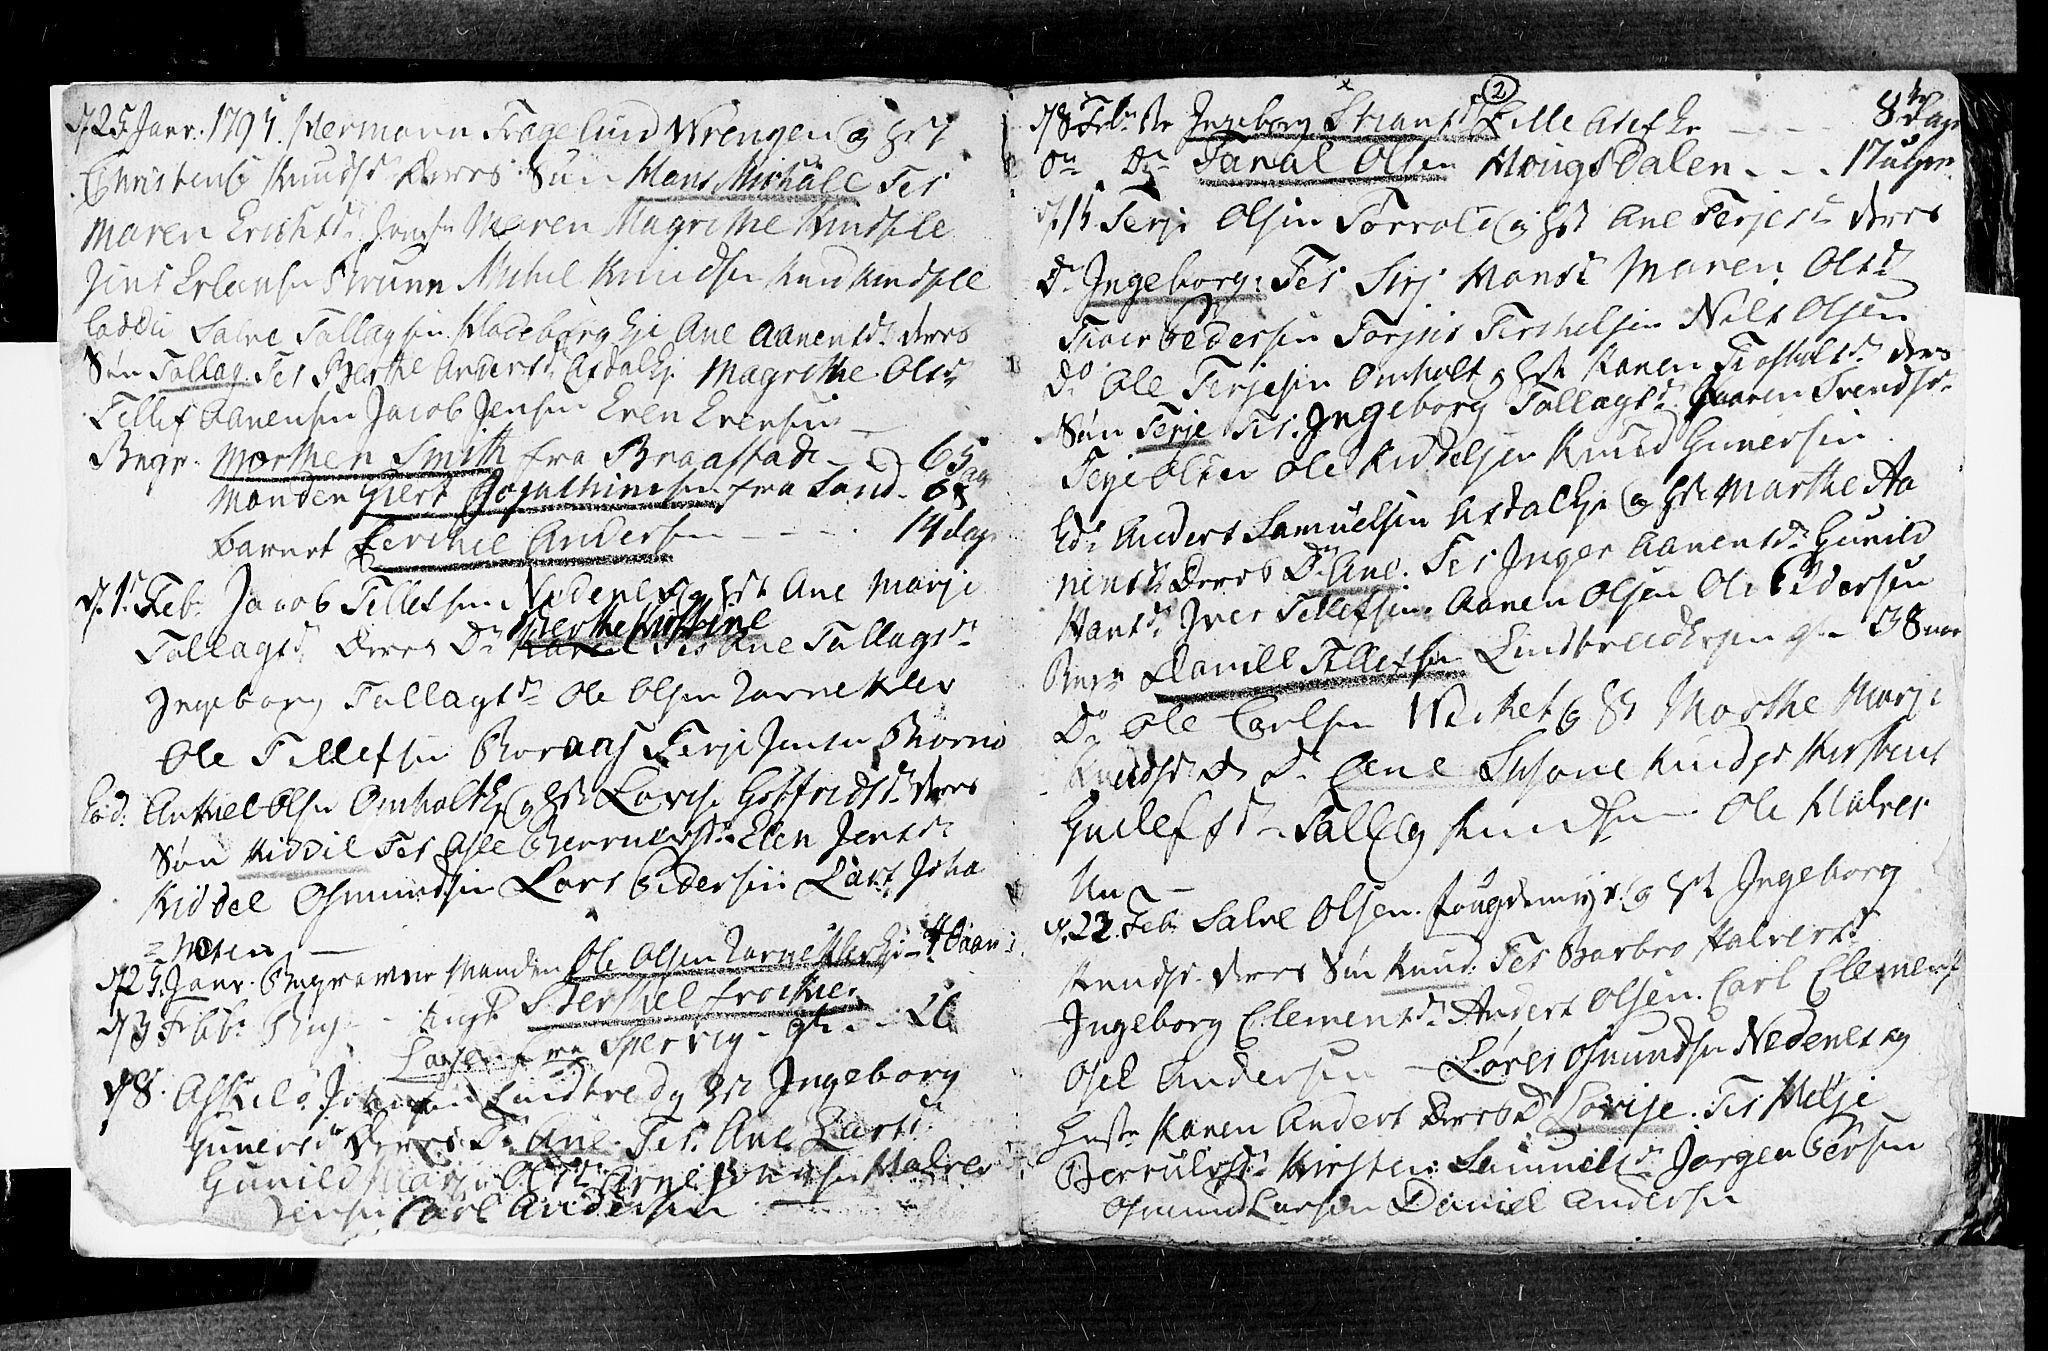 SAK, Øyestad sokneprestkontor, F/Fb/L0002: Klokkerbok nr. B 2, 1795-1807, s. 2